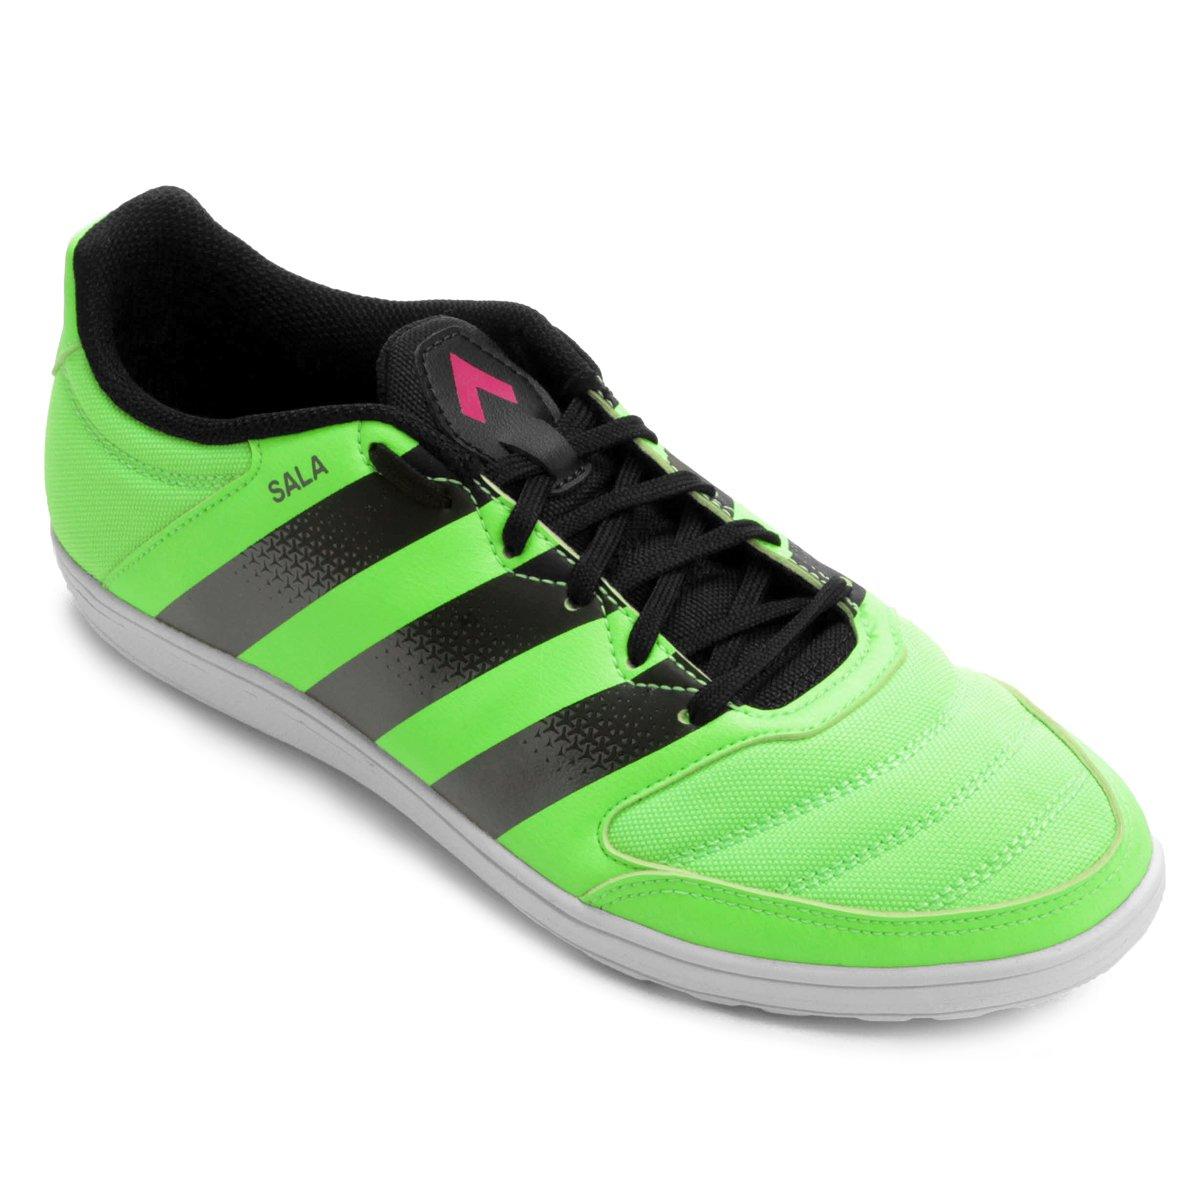 7e57cf4773 56%OFF Chuteira Futsal Adidas Ace 16.4 ST Masculina